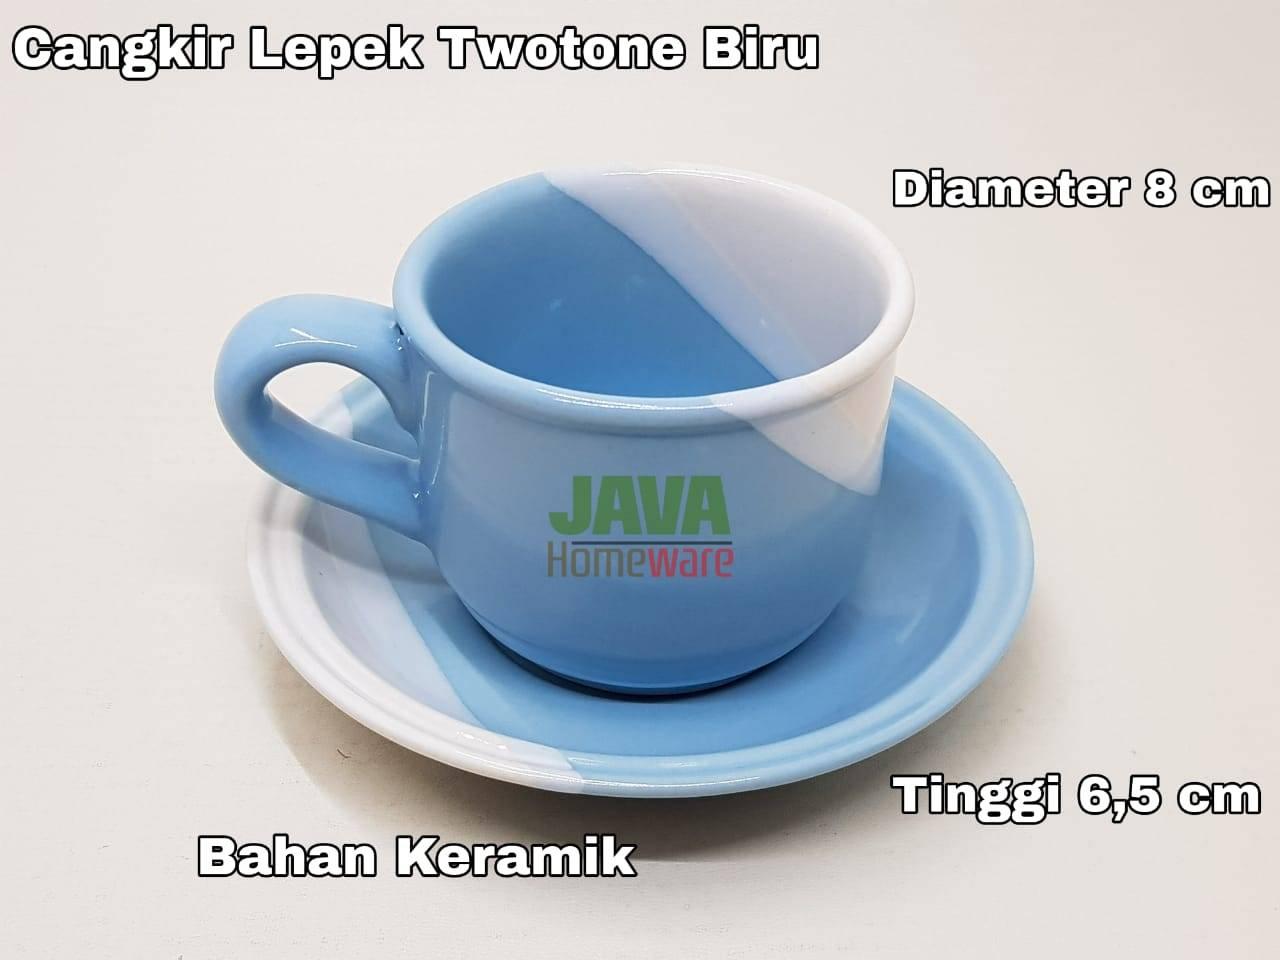 Cangkir Lepek Twotone Biru